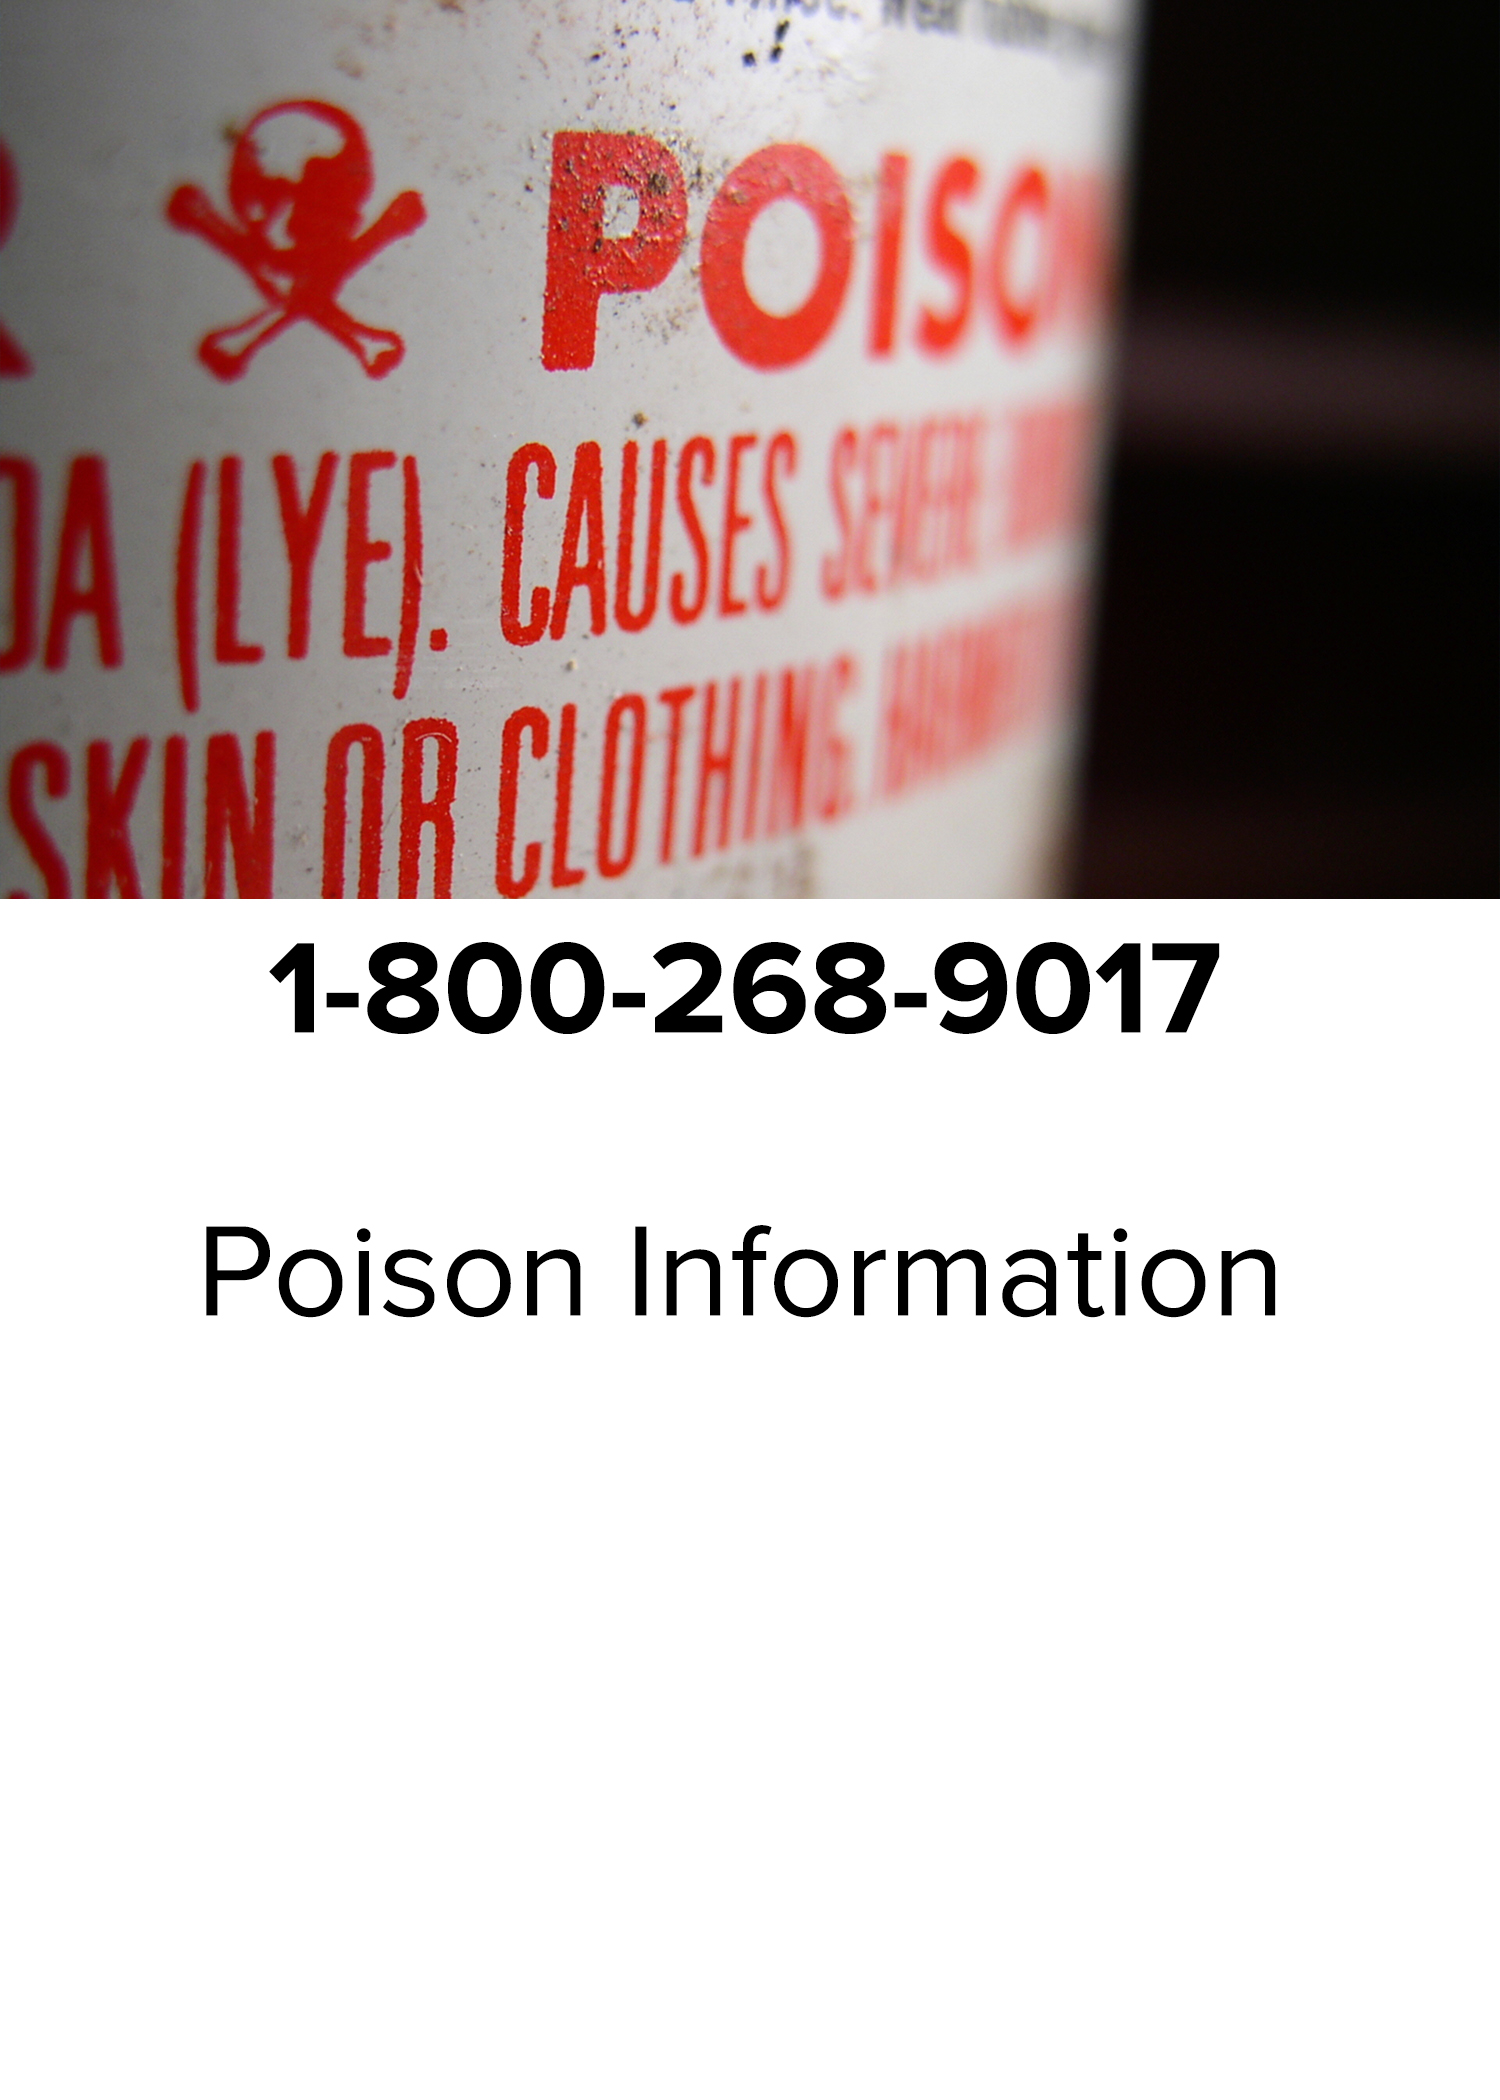 Poison Information